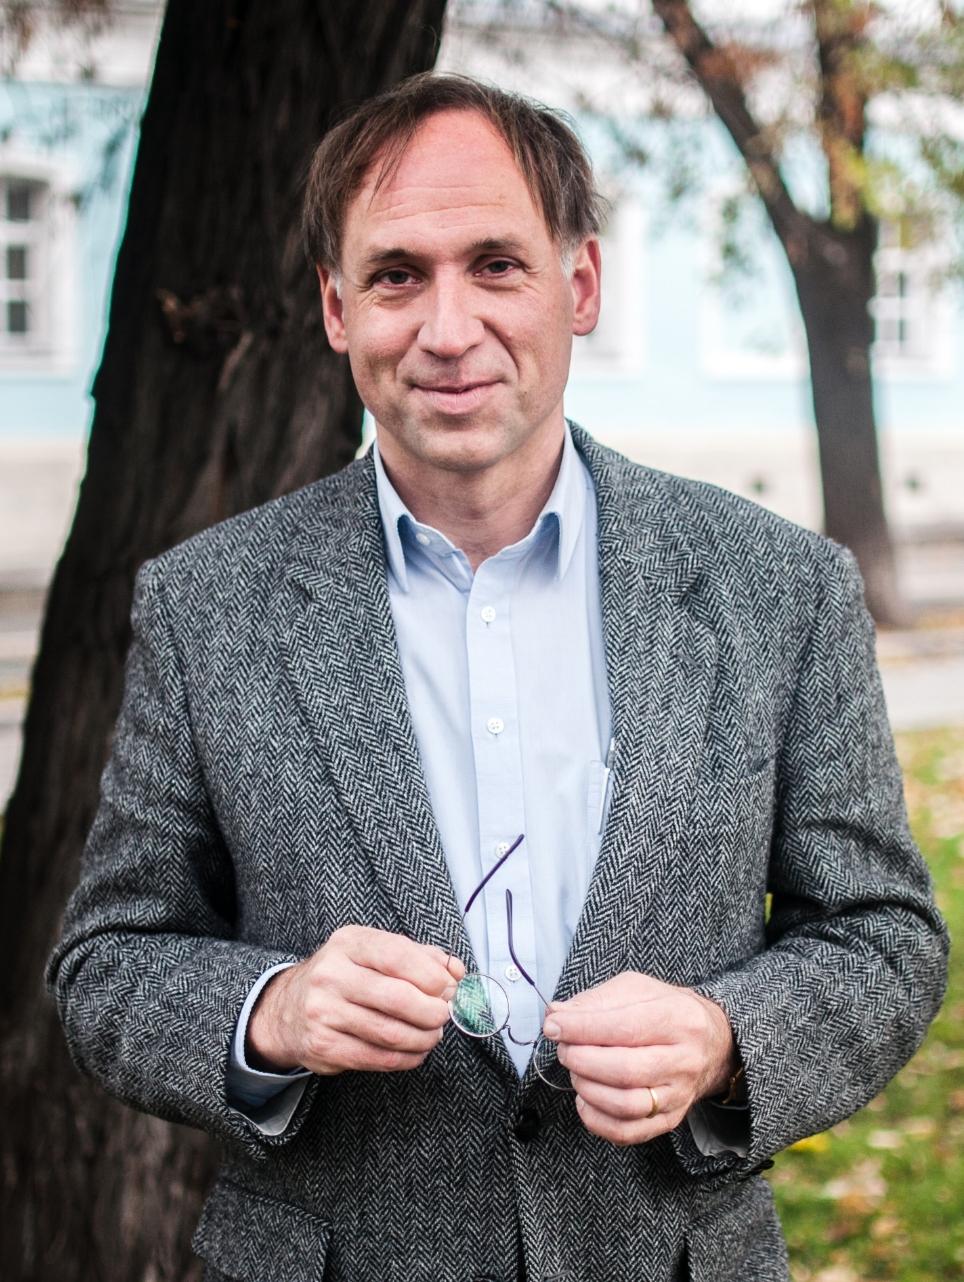 Frank Burdich